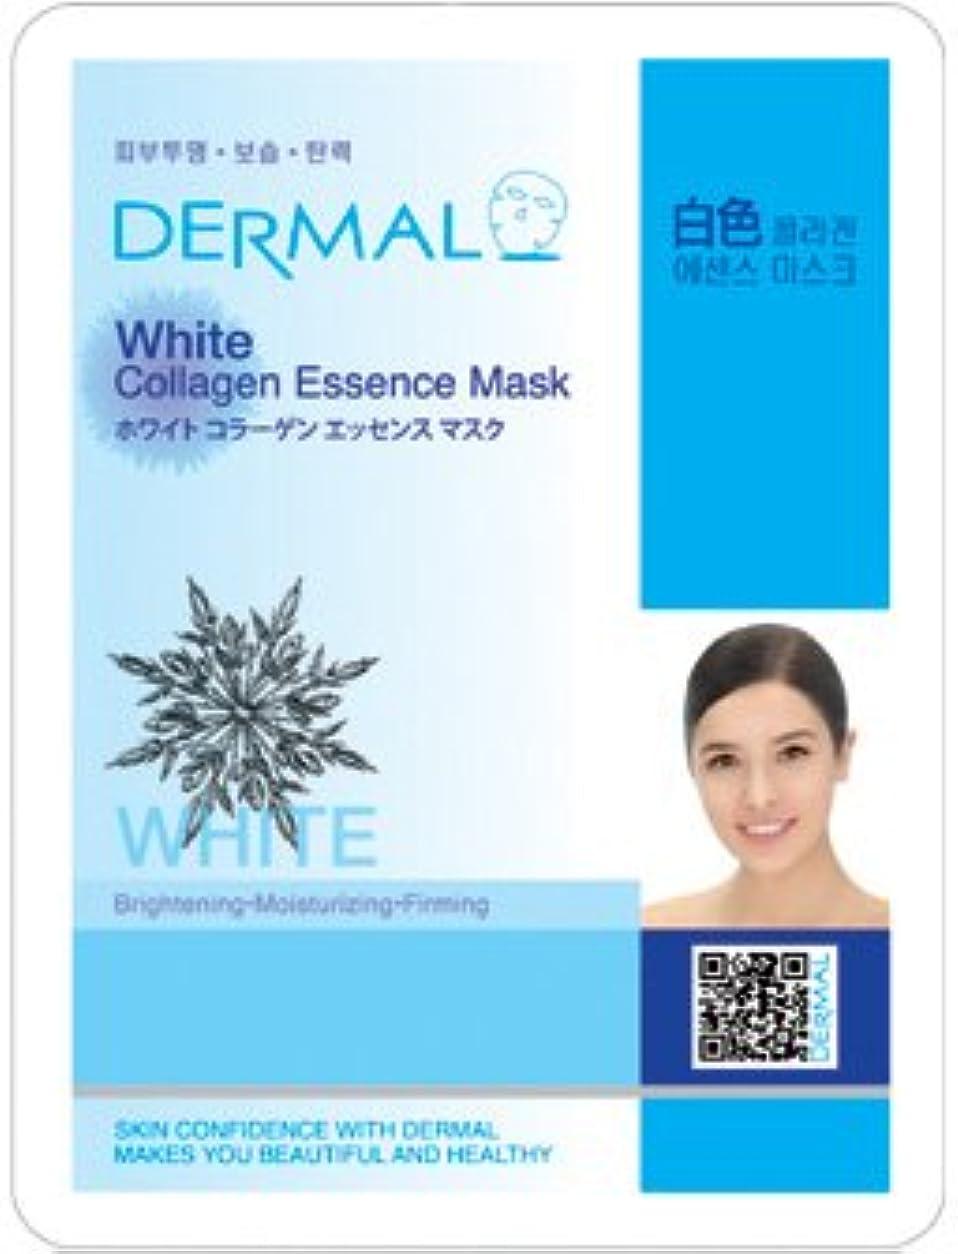 ビリーヤギ楕円形おしゃれじゃないシートマスク ホワイト 100枚セット ダーマル(Dermal) フェイス パック